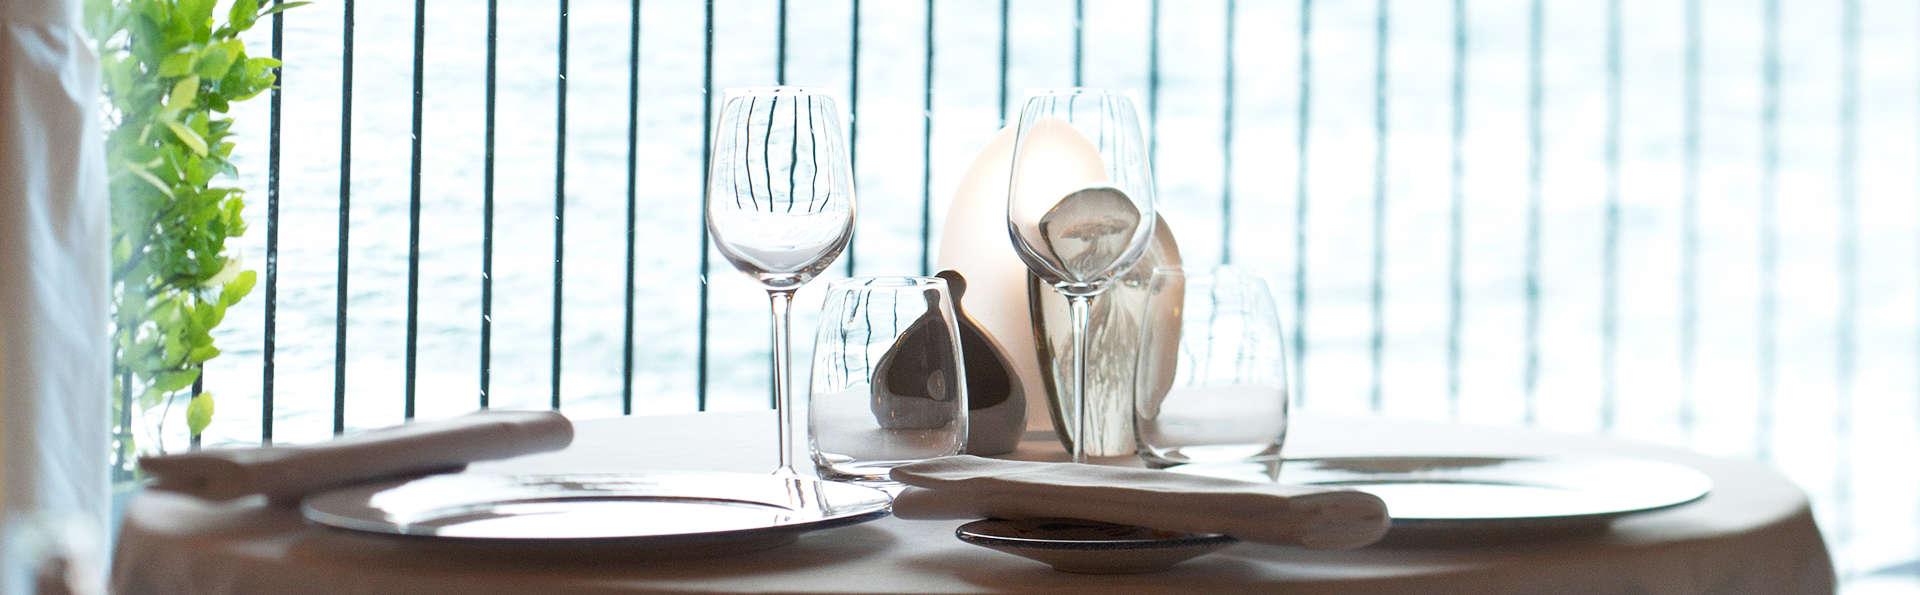 Relais & Châteaux Le Brittany & Spa - EDIT_restaurant3.jpg